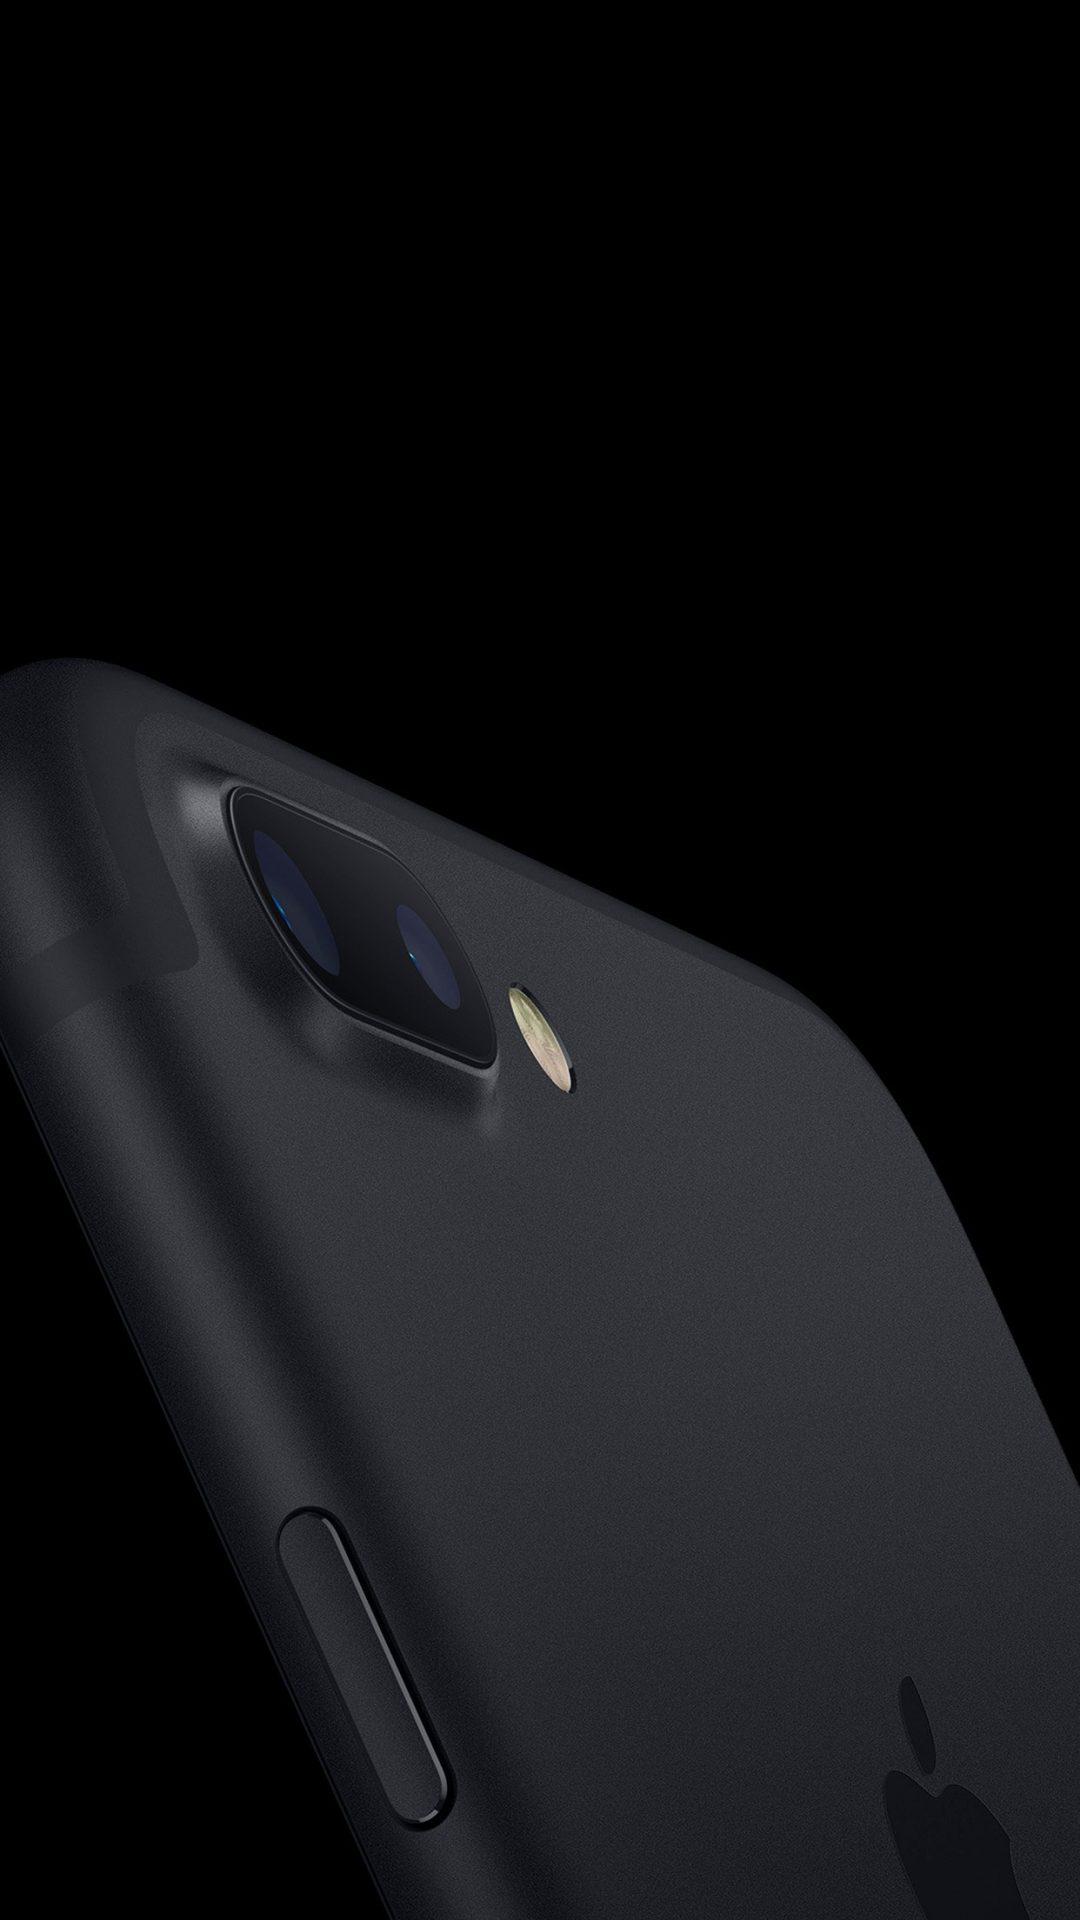 Jet Black Iphone7 Dark Minimal Apple Art Illustration